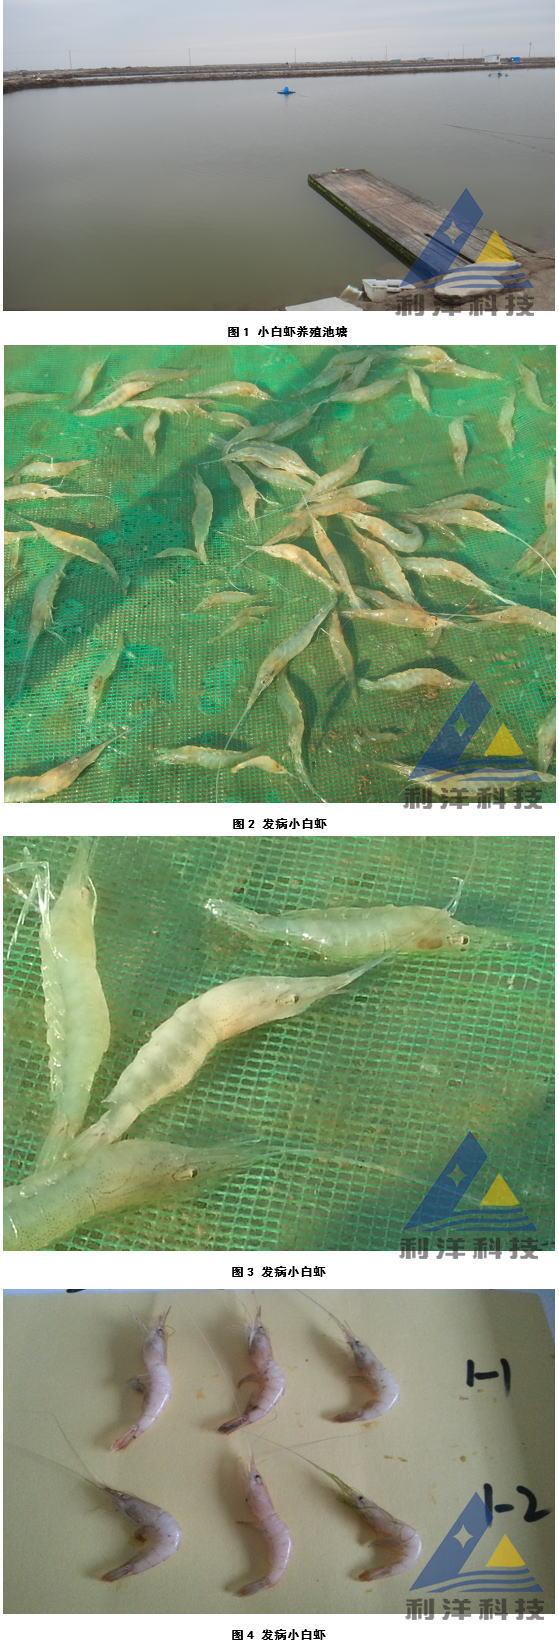 脊尾白虾感染血卵涡鞭虫游塘、死亡一例